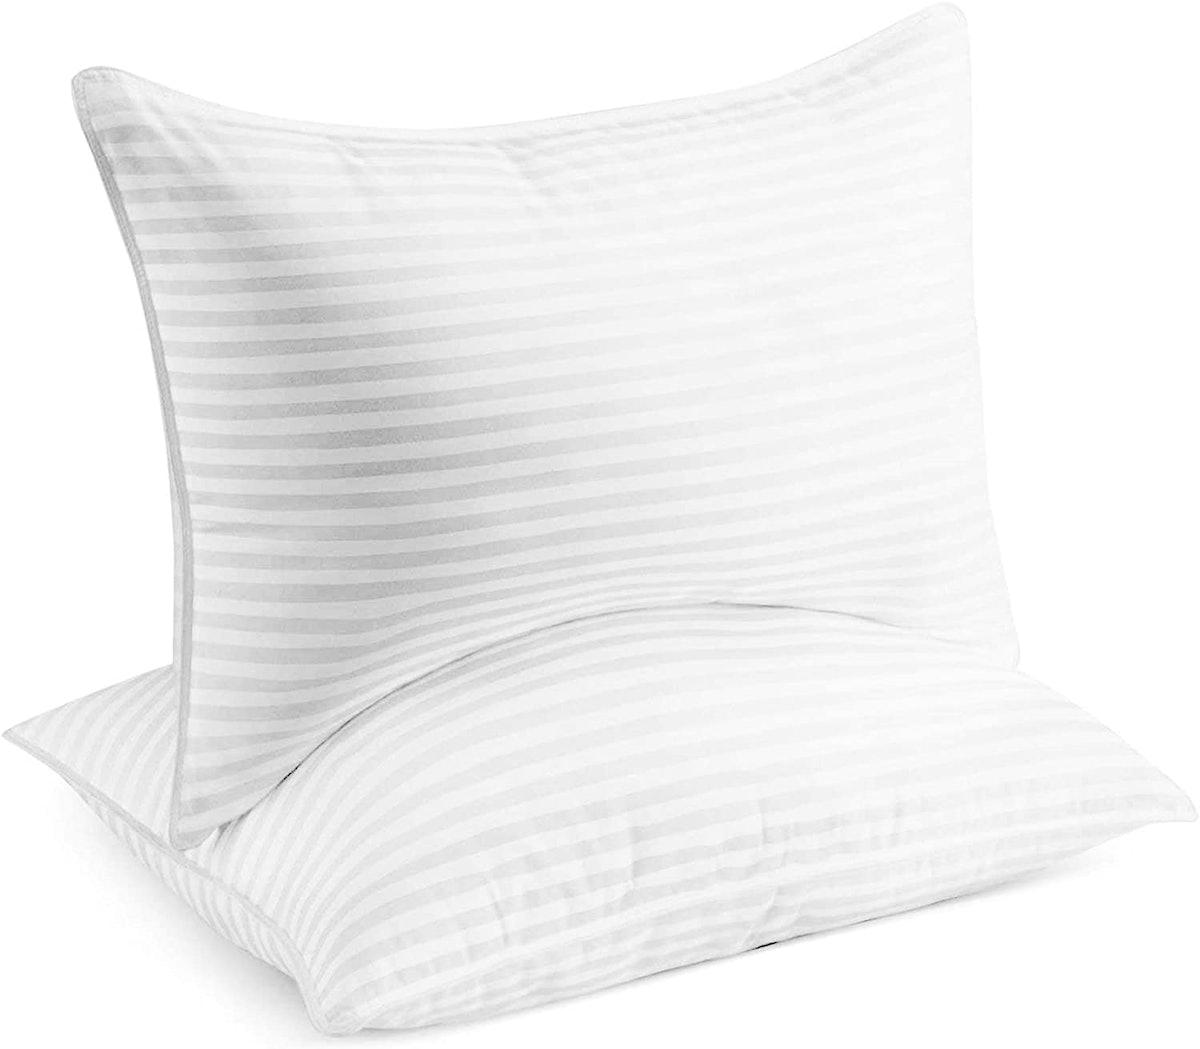 Beckham Hotel Collection Gel Pillows (2-Pack)